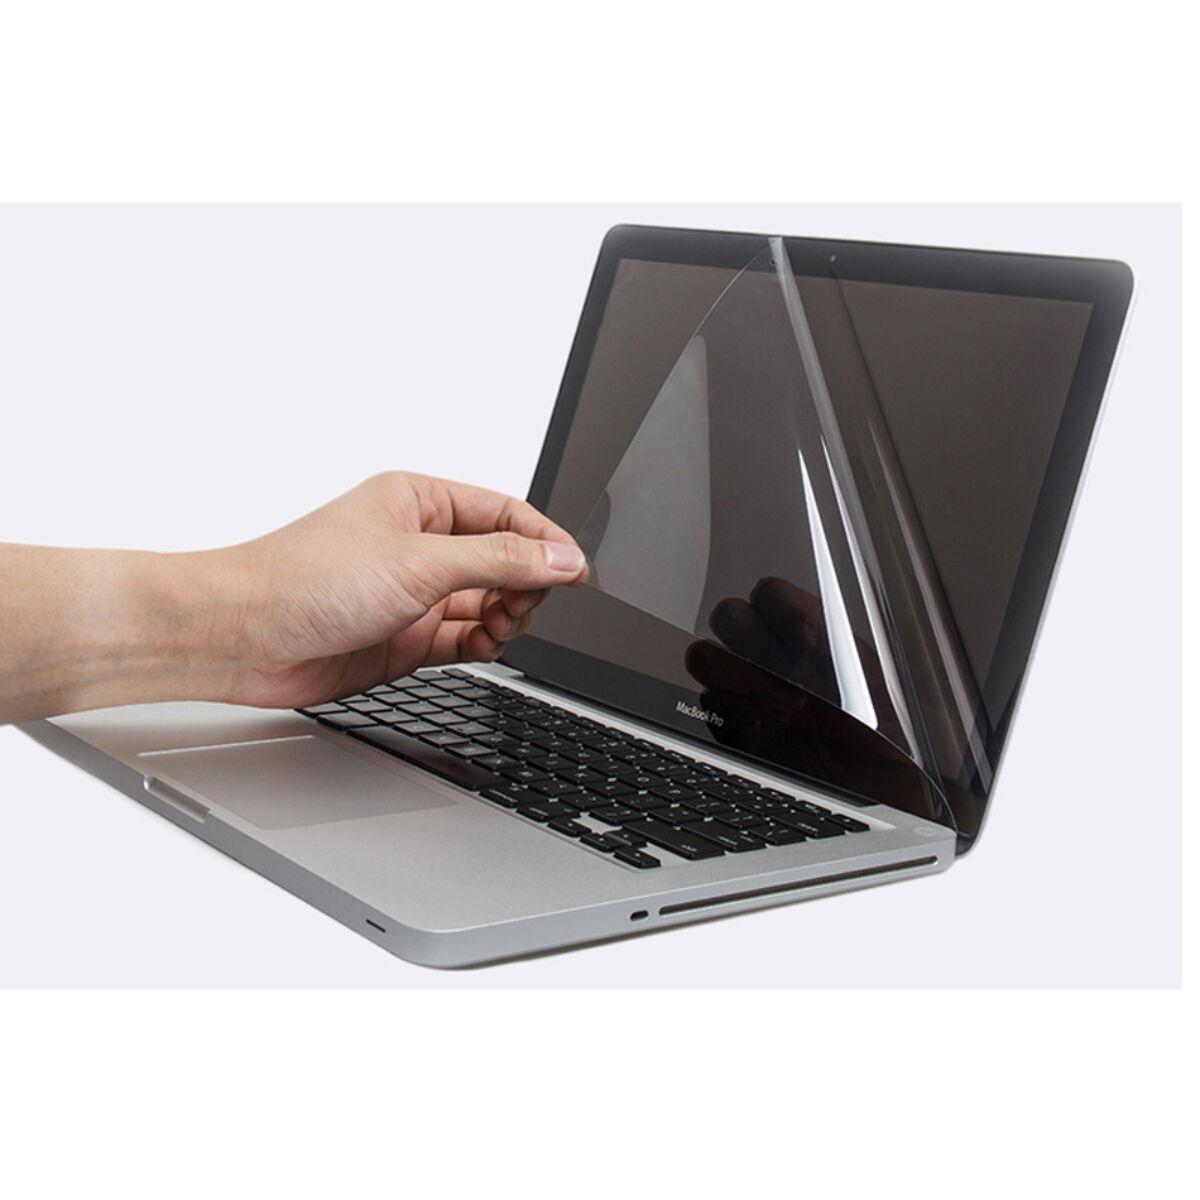 WiWU MacBook 15 inch Touch bar kijelzővédő fólia, Átlátszó